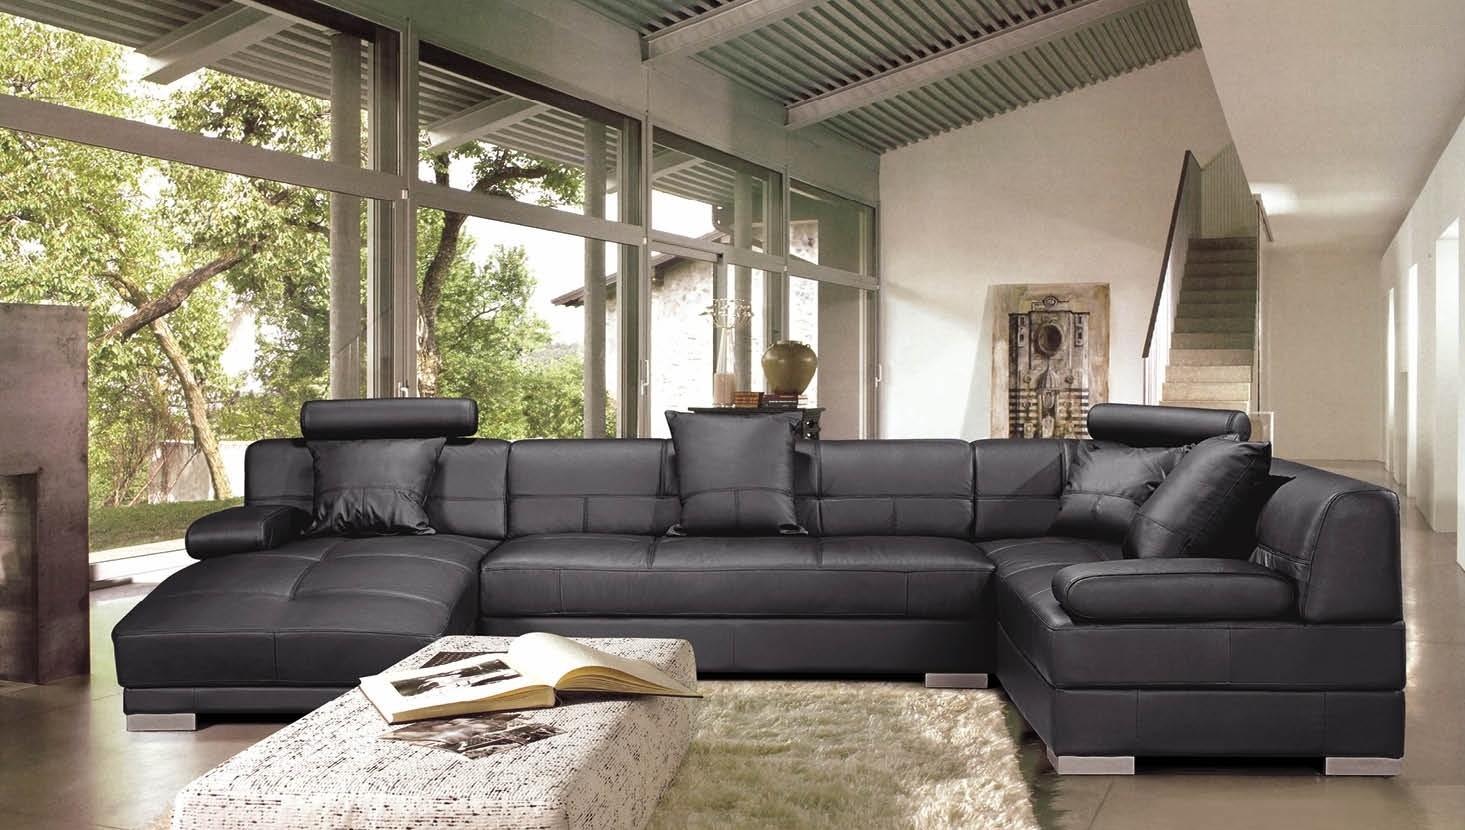 Canapé Deux Angles - Canapé : Idées De Décoration De Maison ... serapportantà Canape Deux Angles